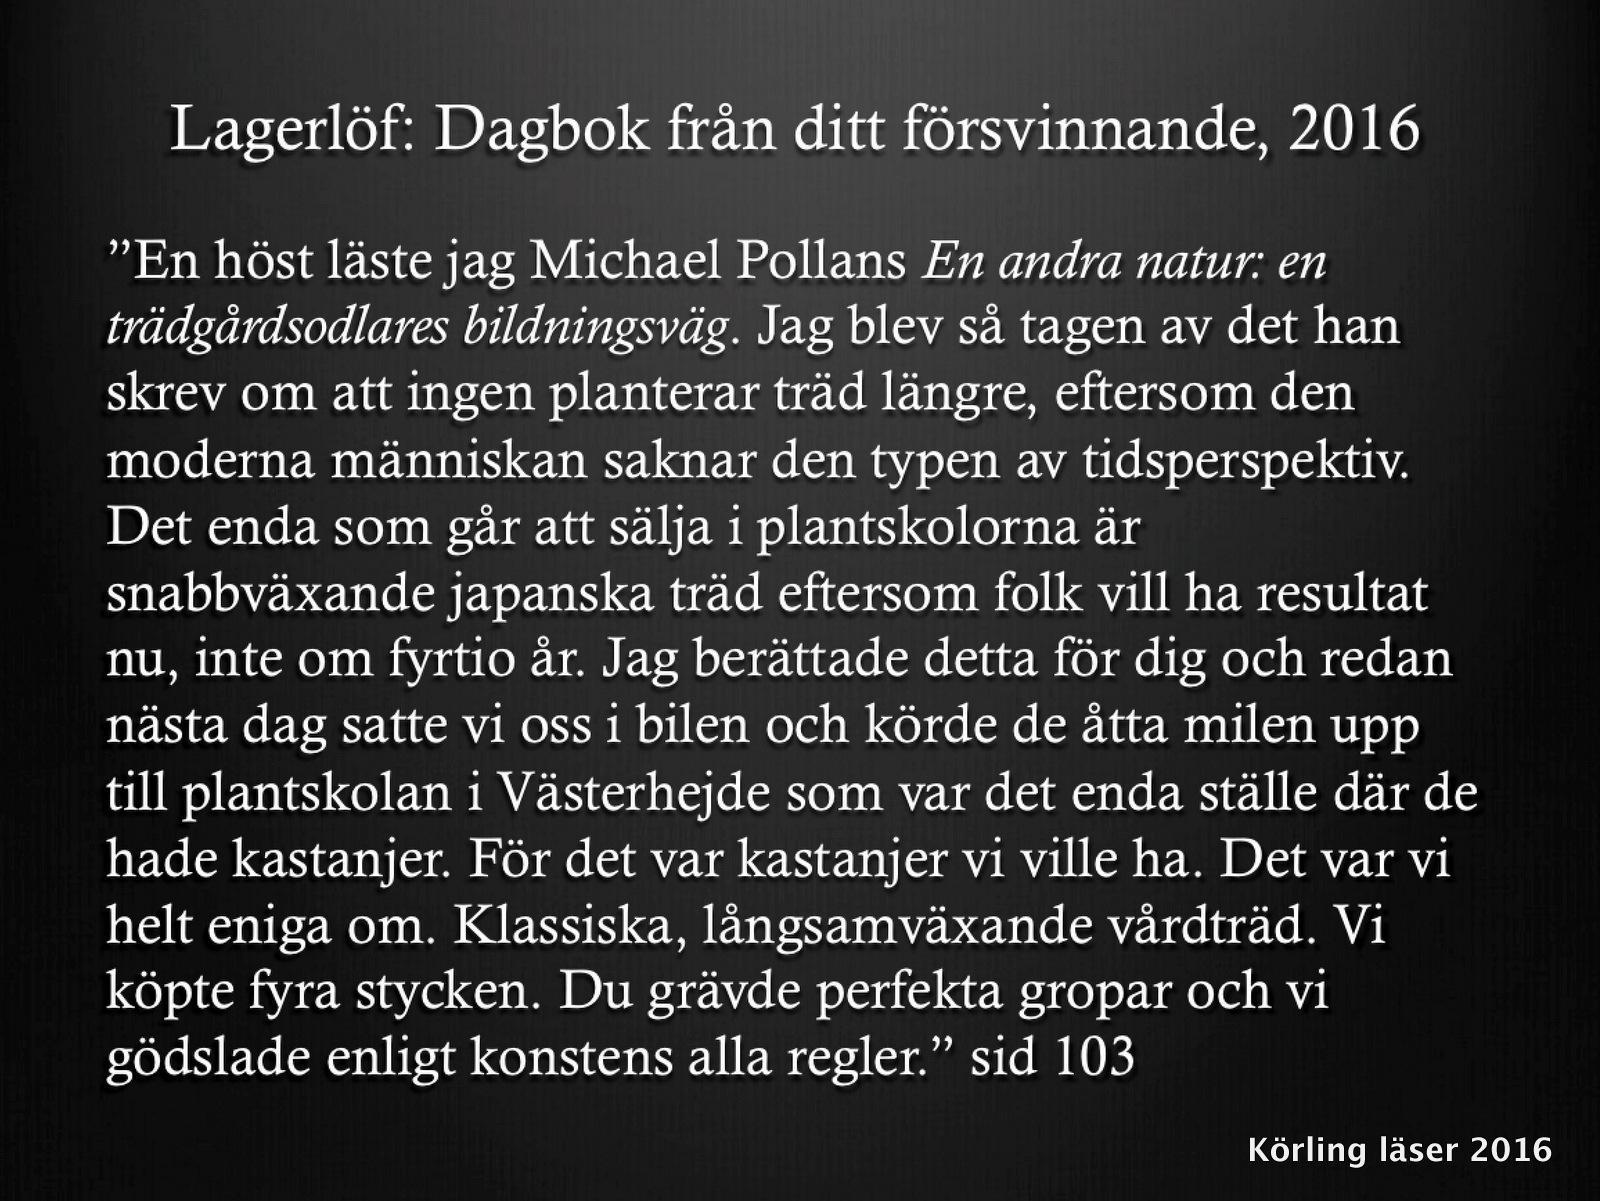 Dagbok från ditt försvinnande, 2016